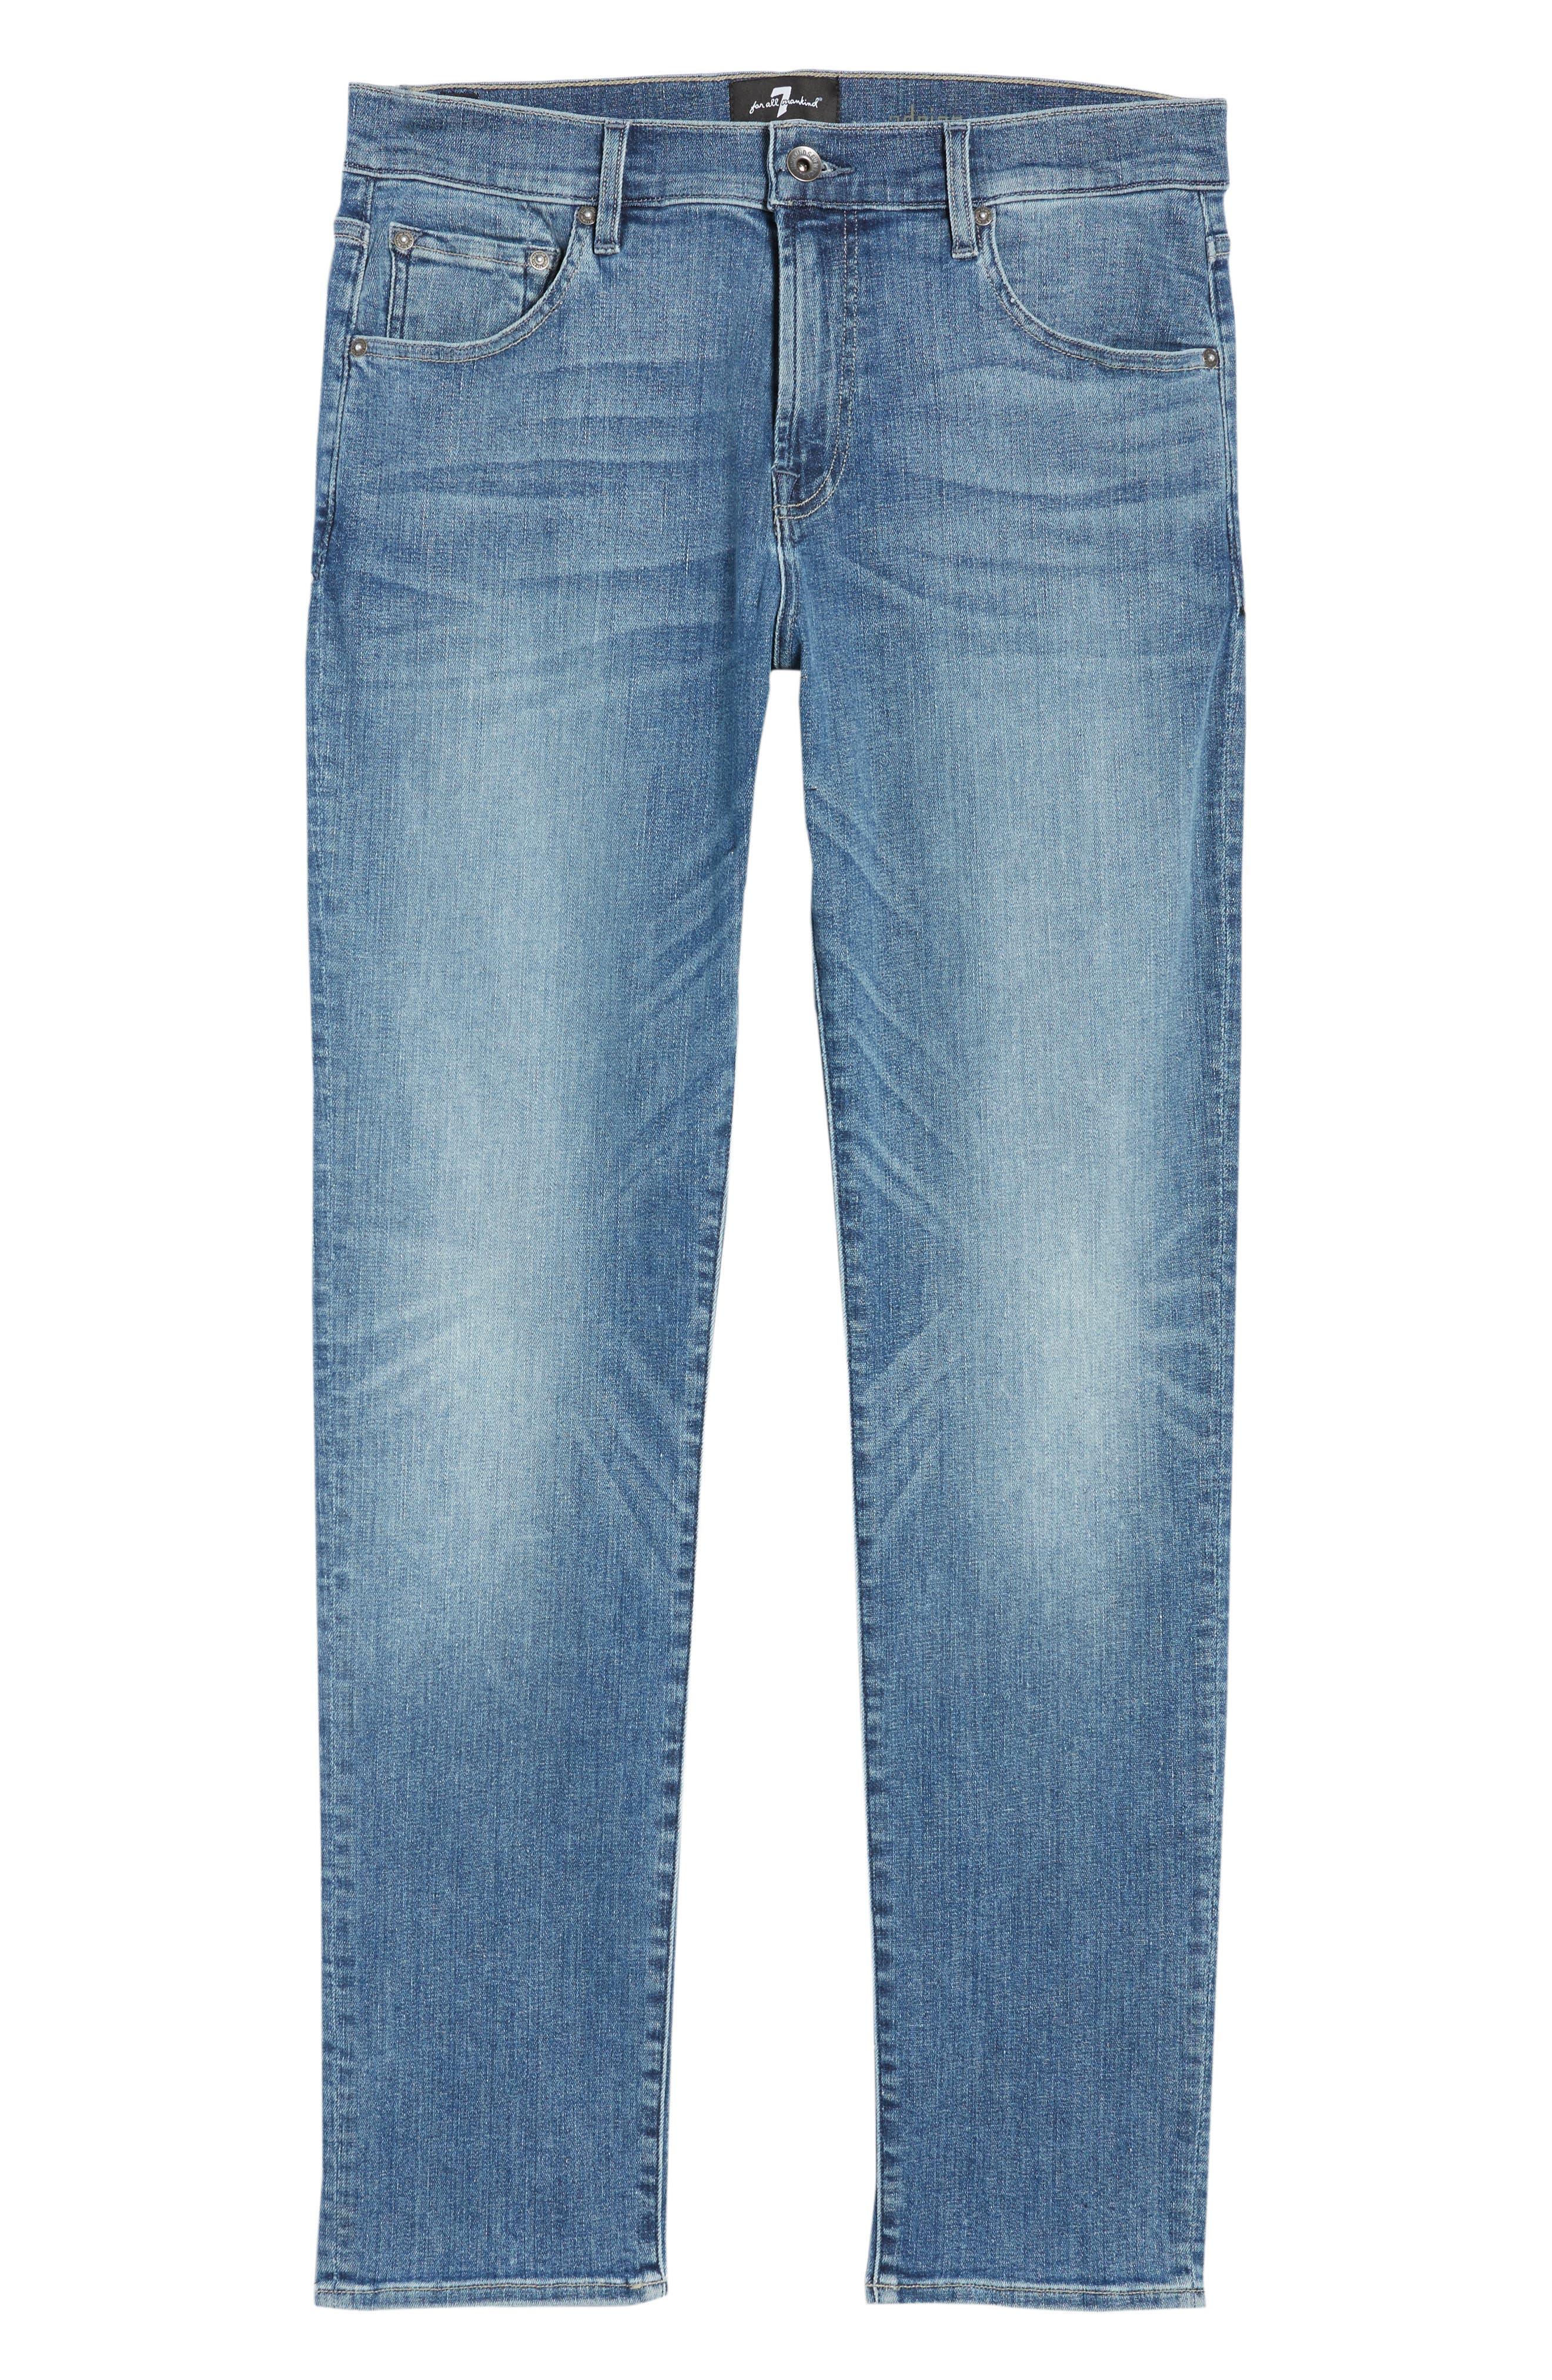 Adrien Slim Fit Jeans,                             Alternate thumbnail 6, color,                             VORTEX